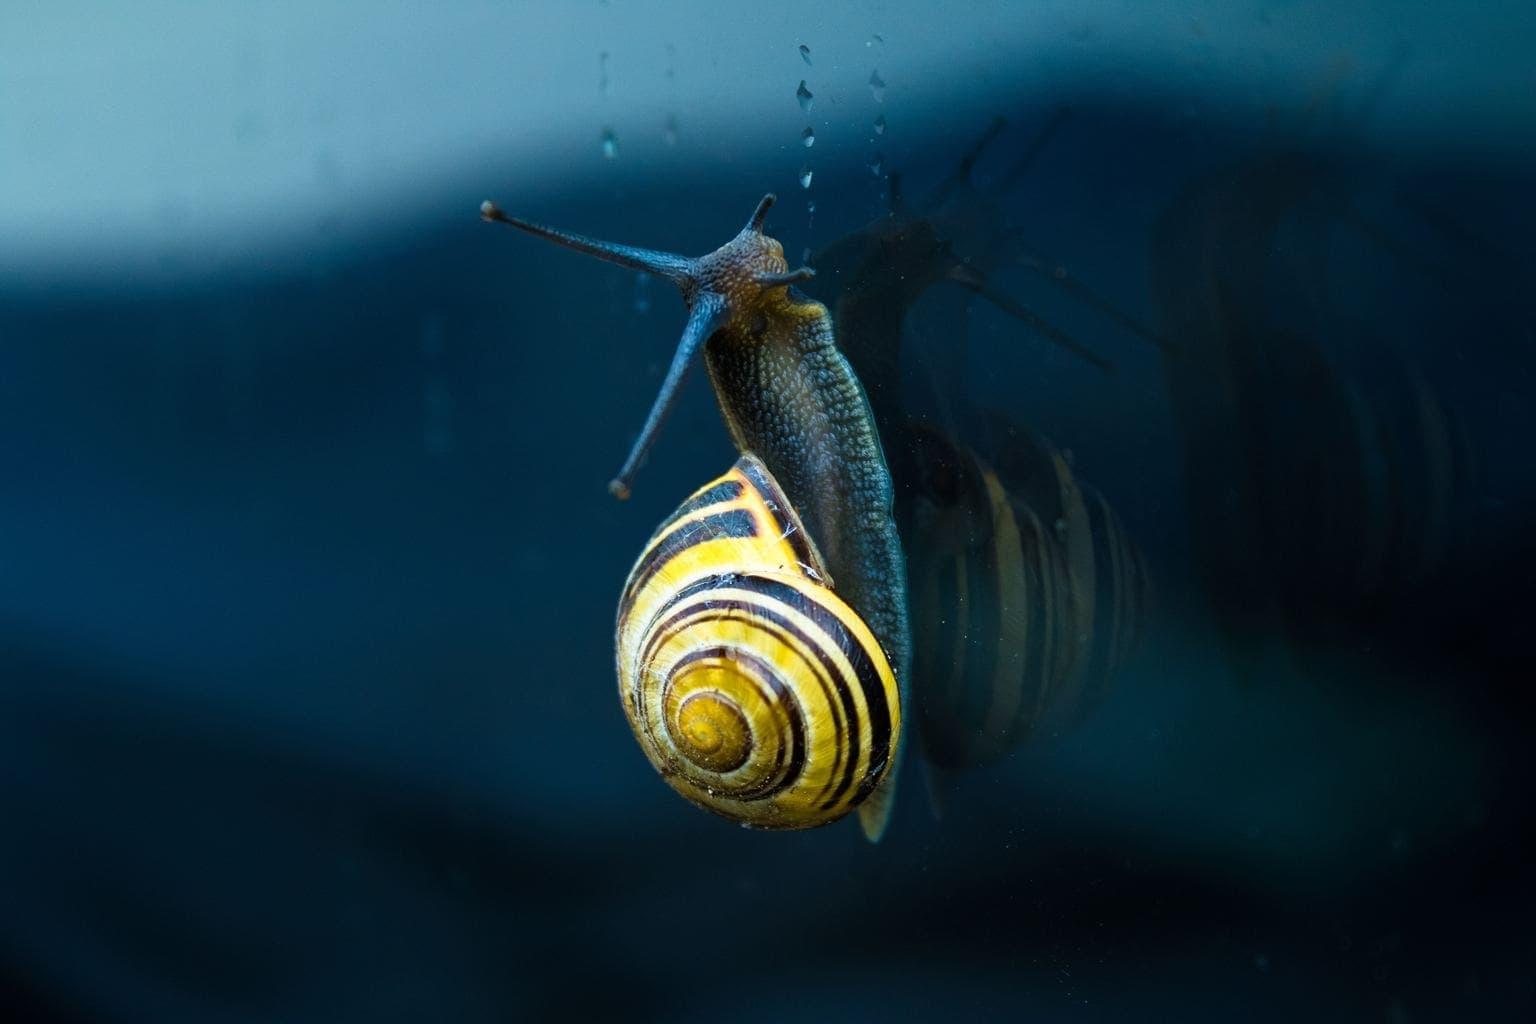 fotografía macro de un caracol